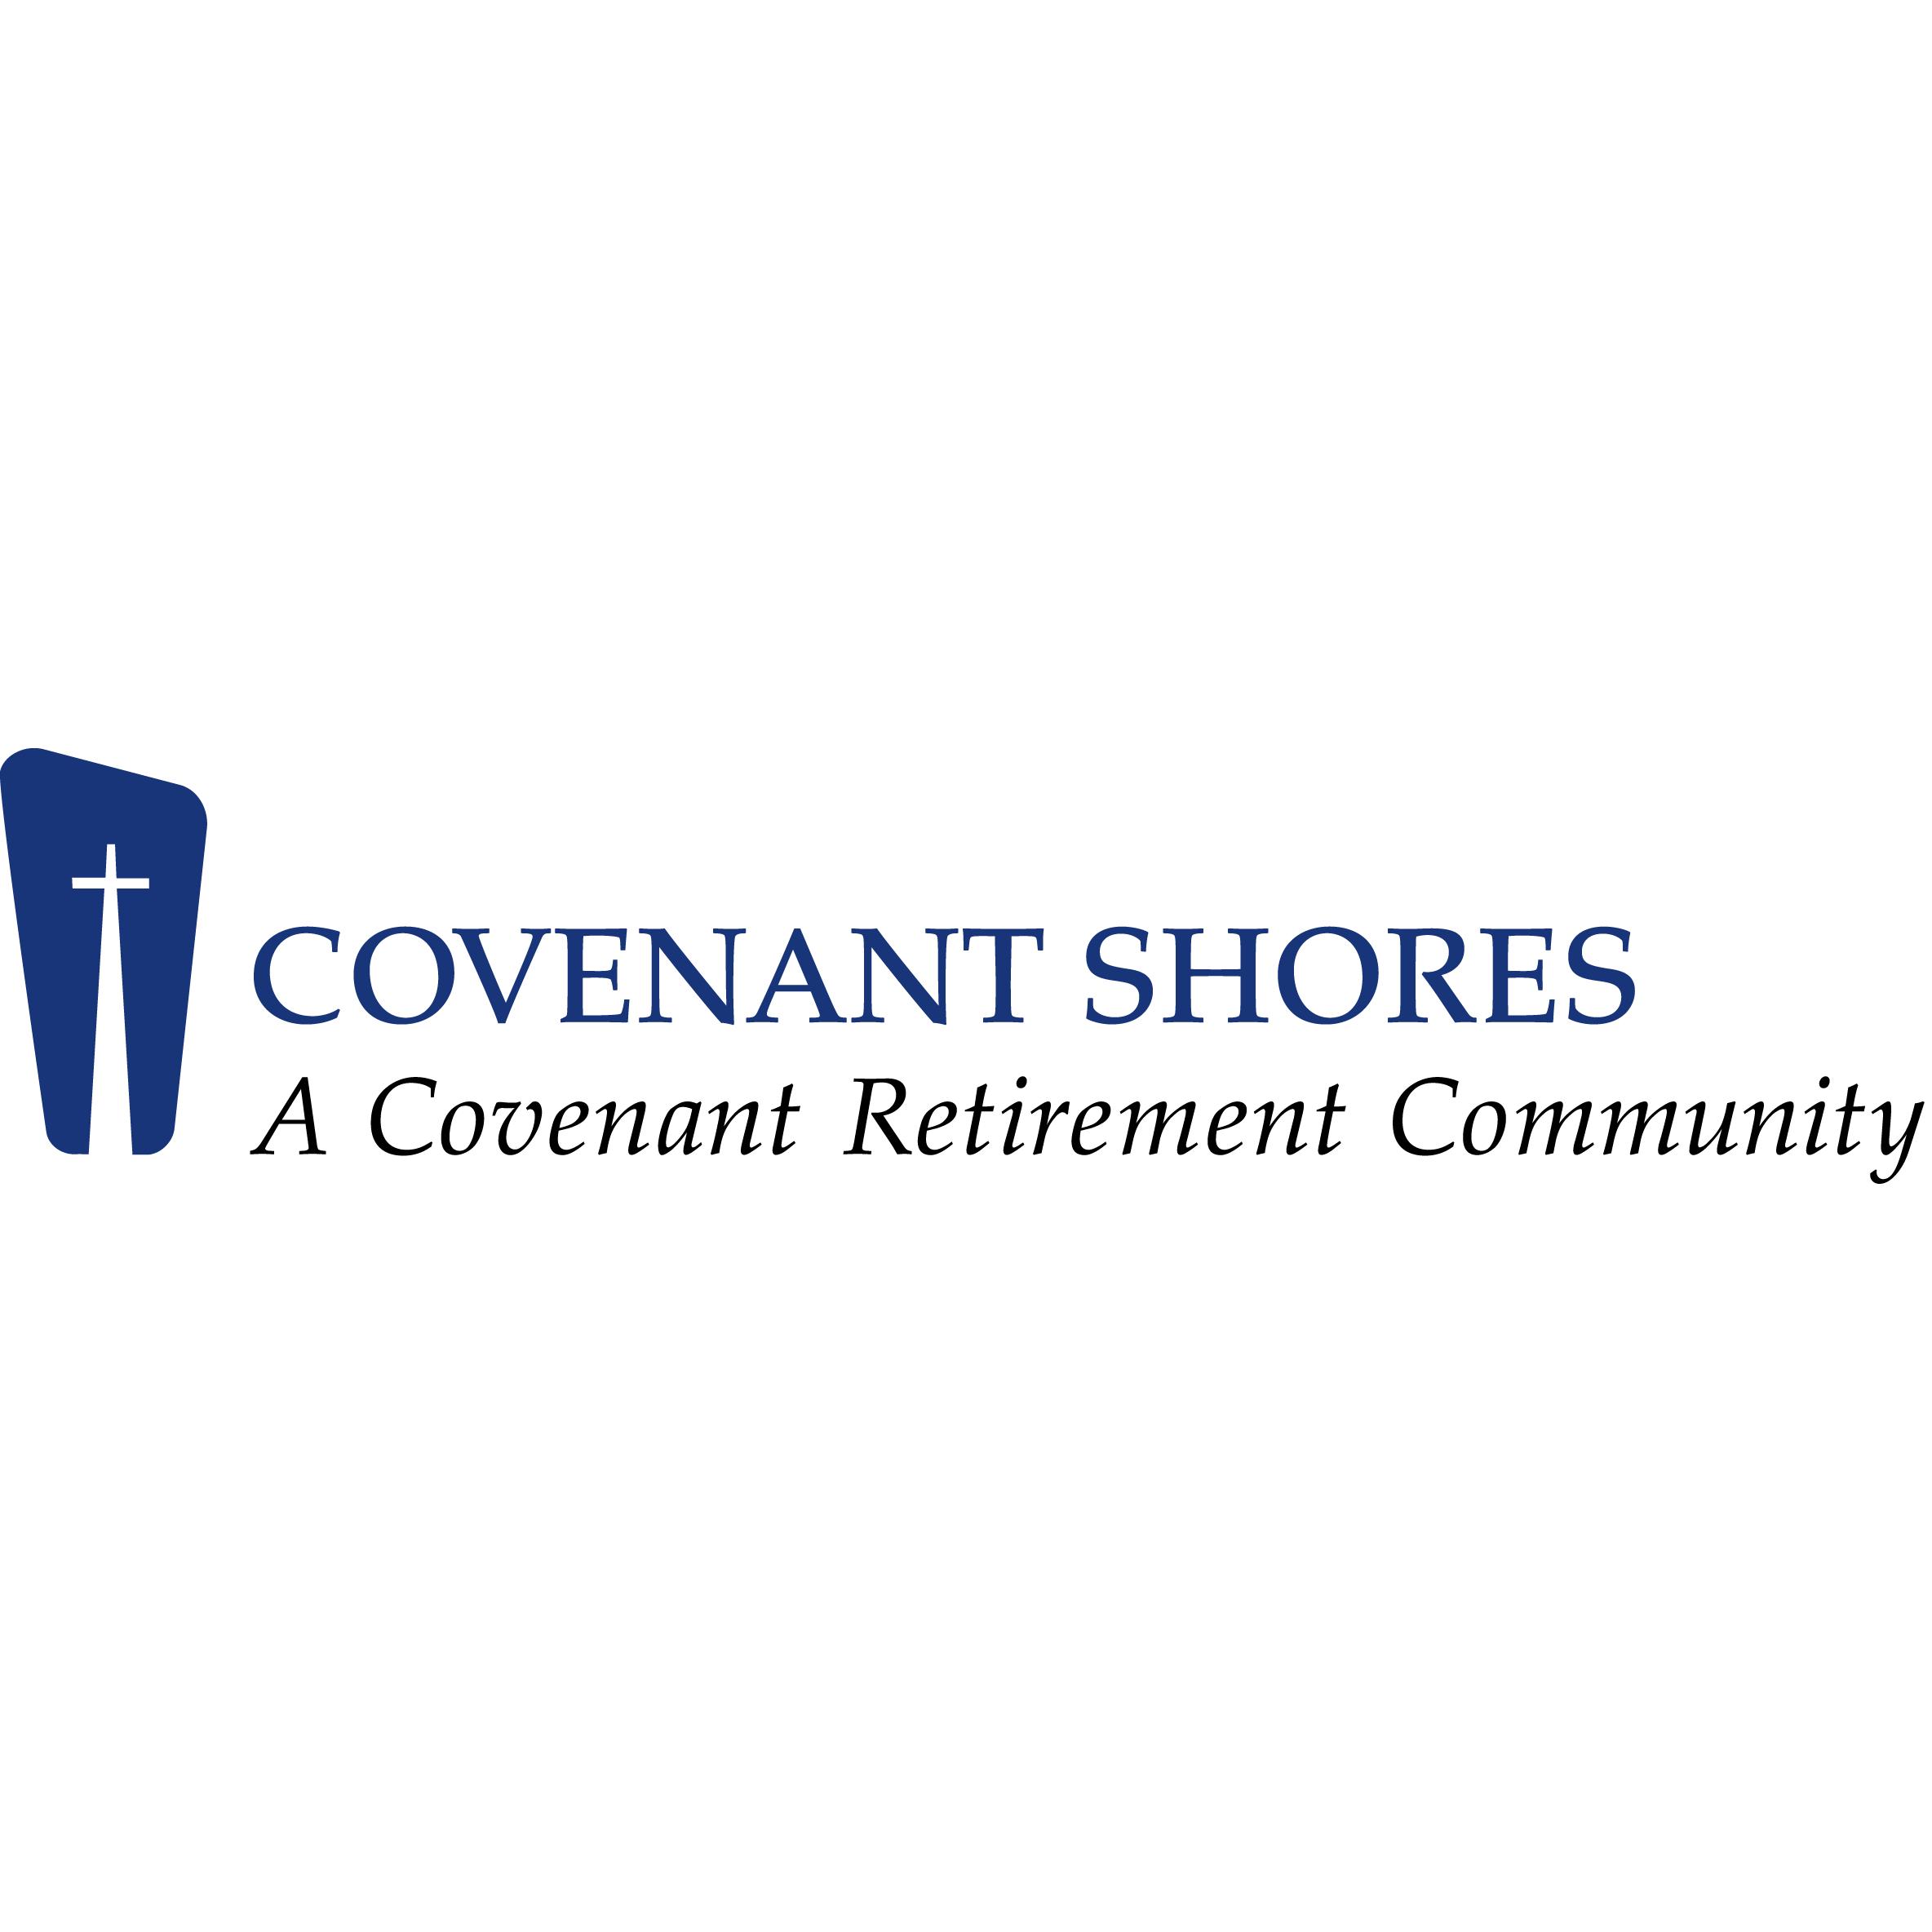 Covenant Shores